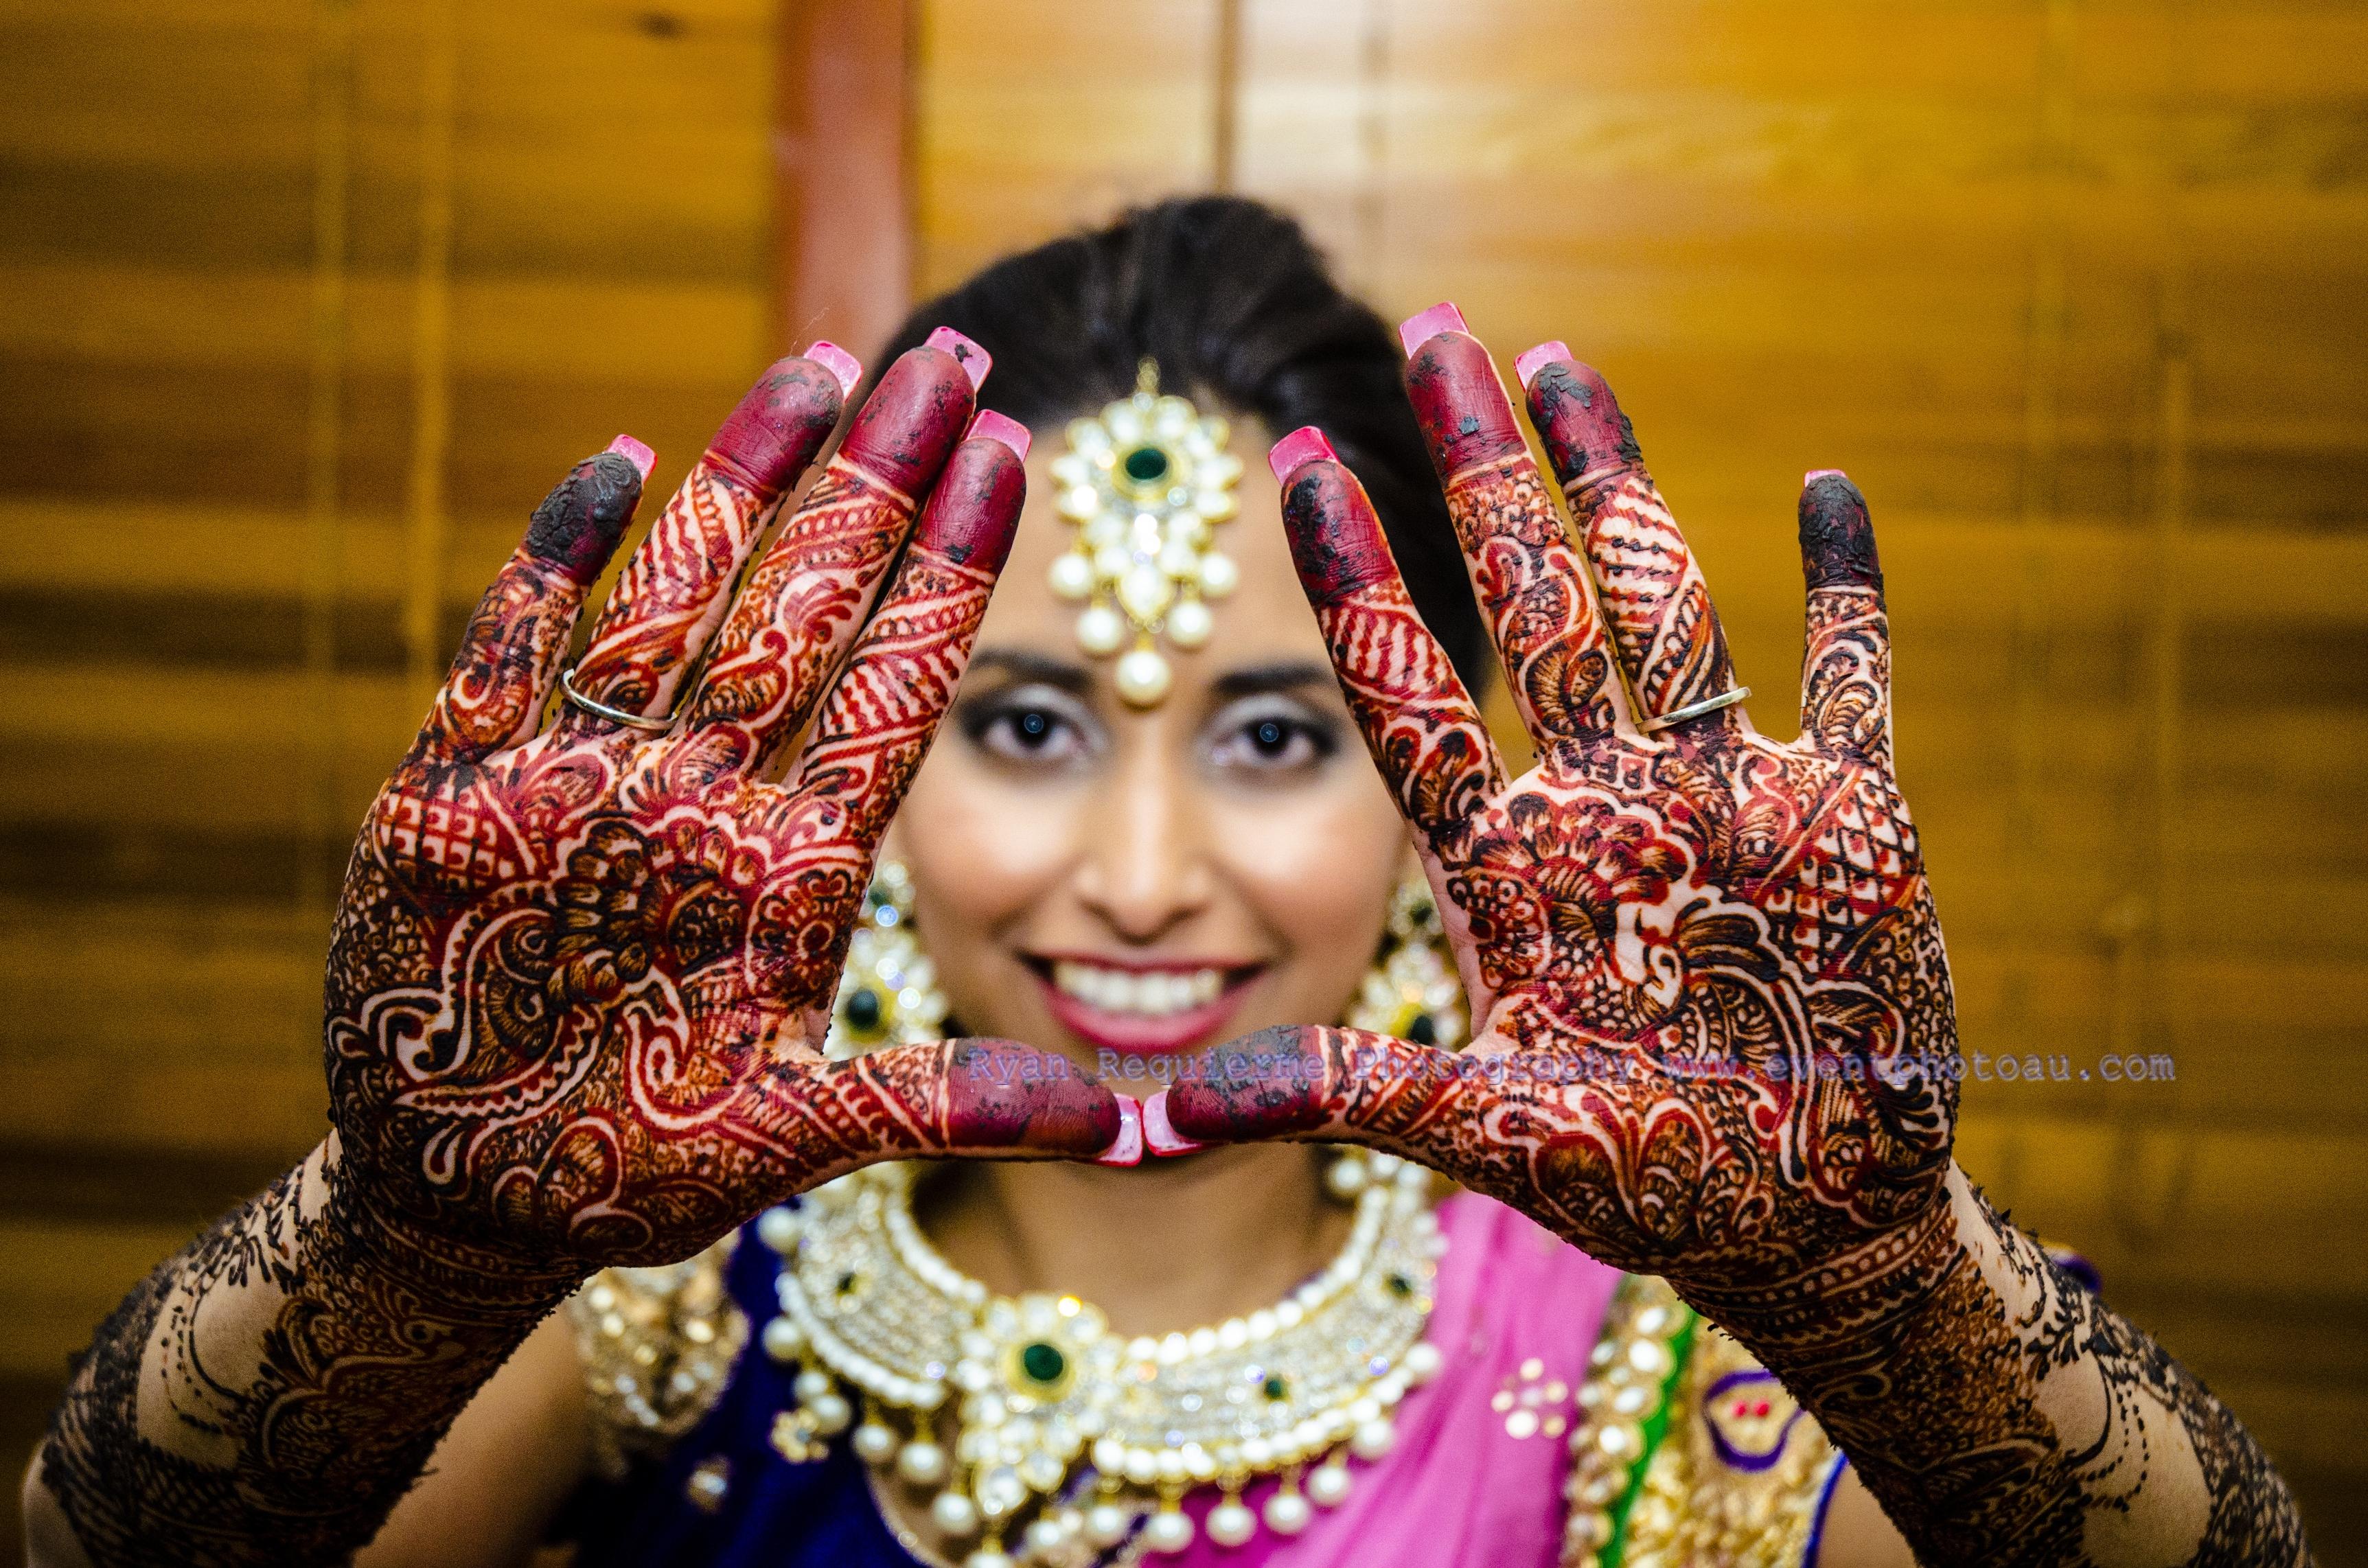 www.eventphoto.sydney